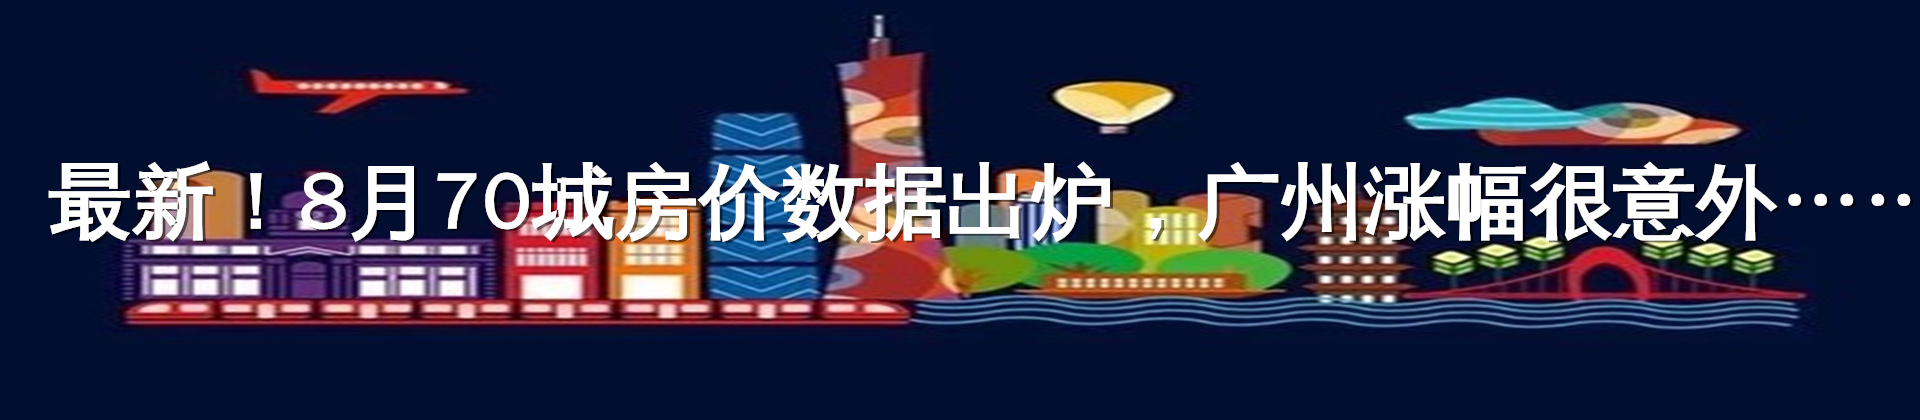 最新!8月70城房价数据出炉,广州涨幅很意外……